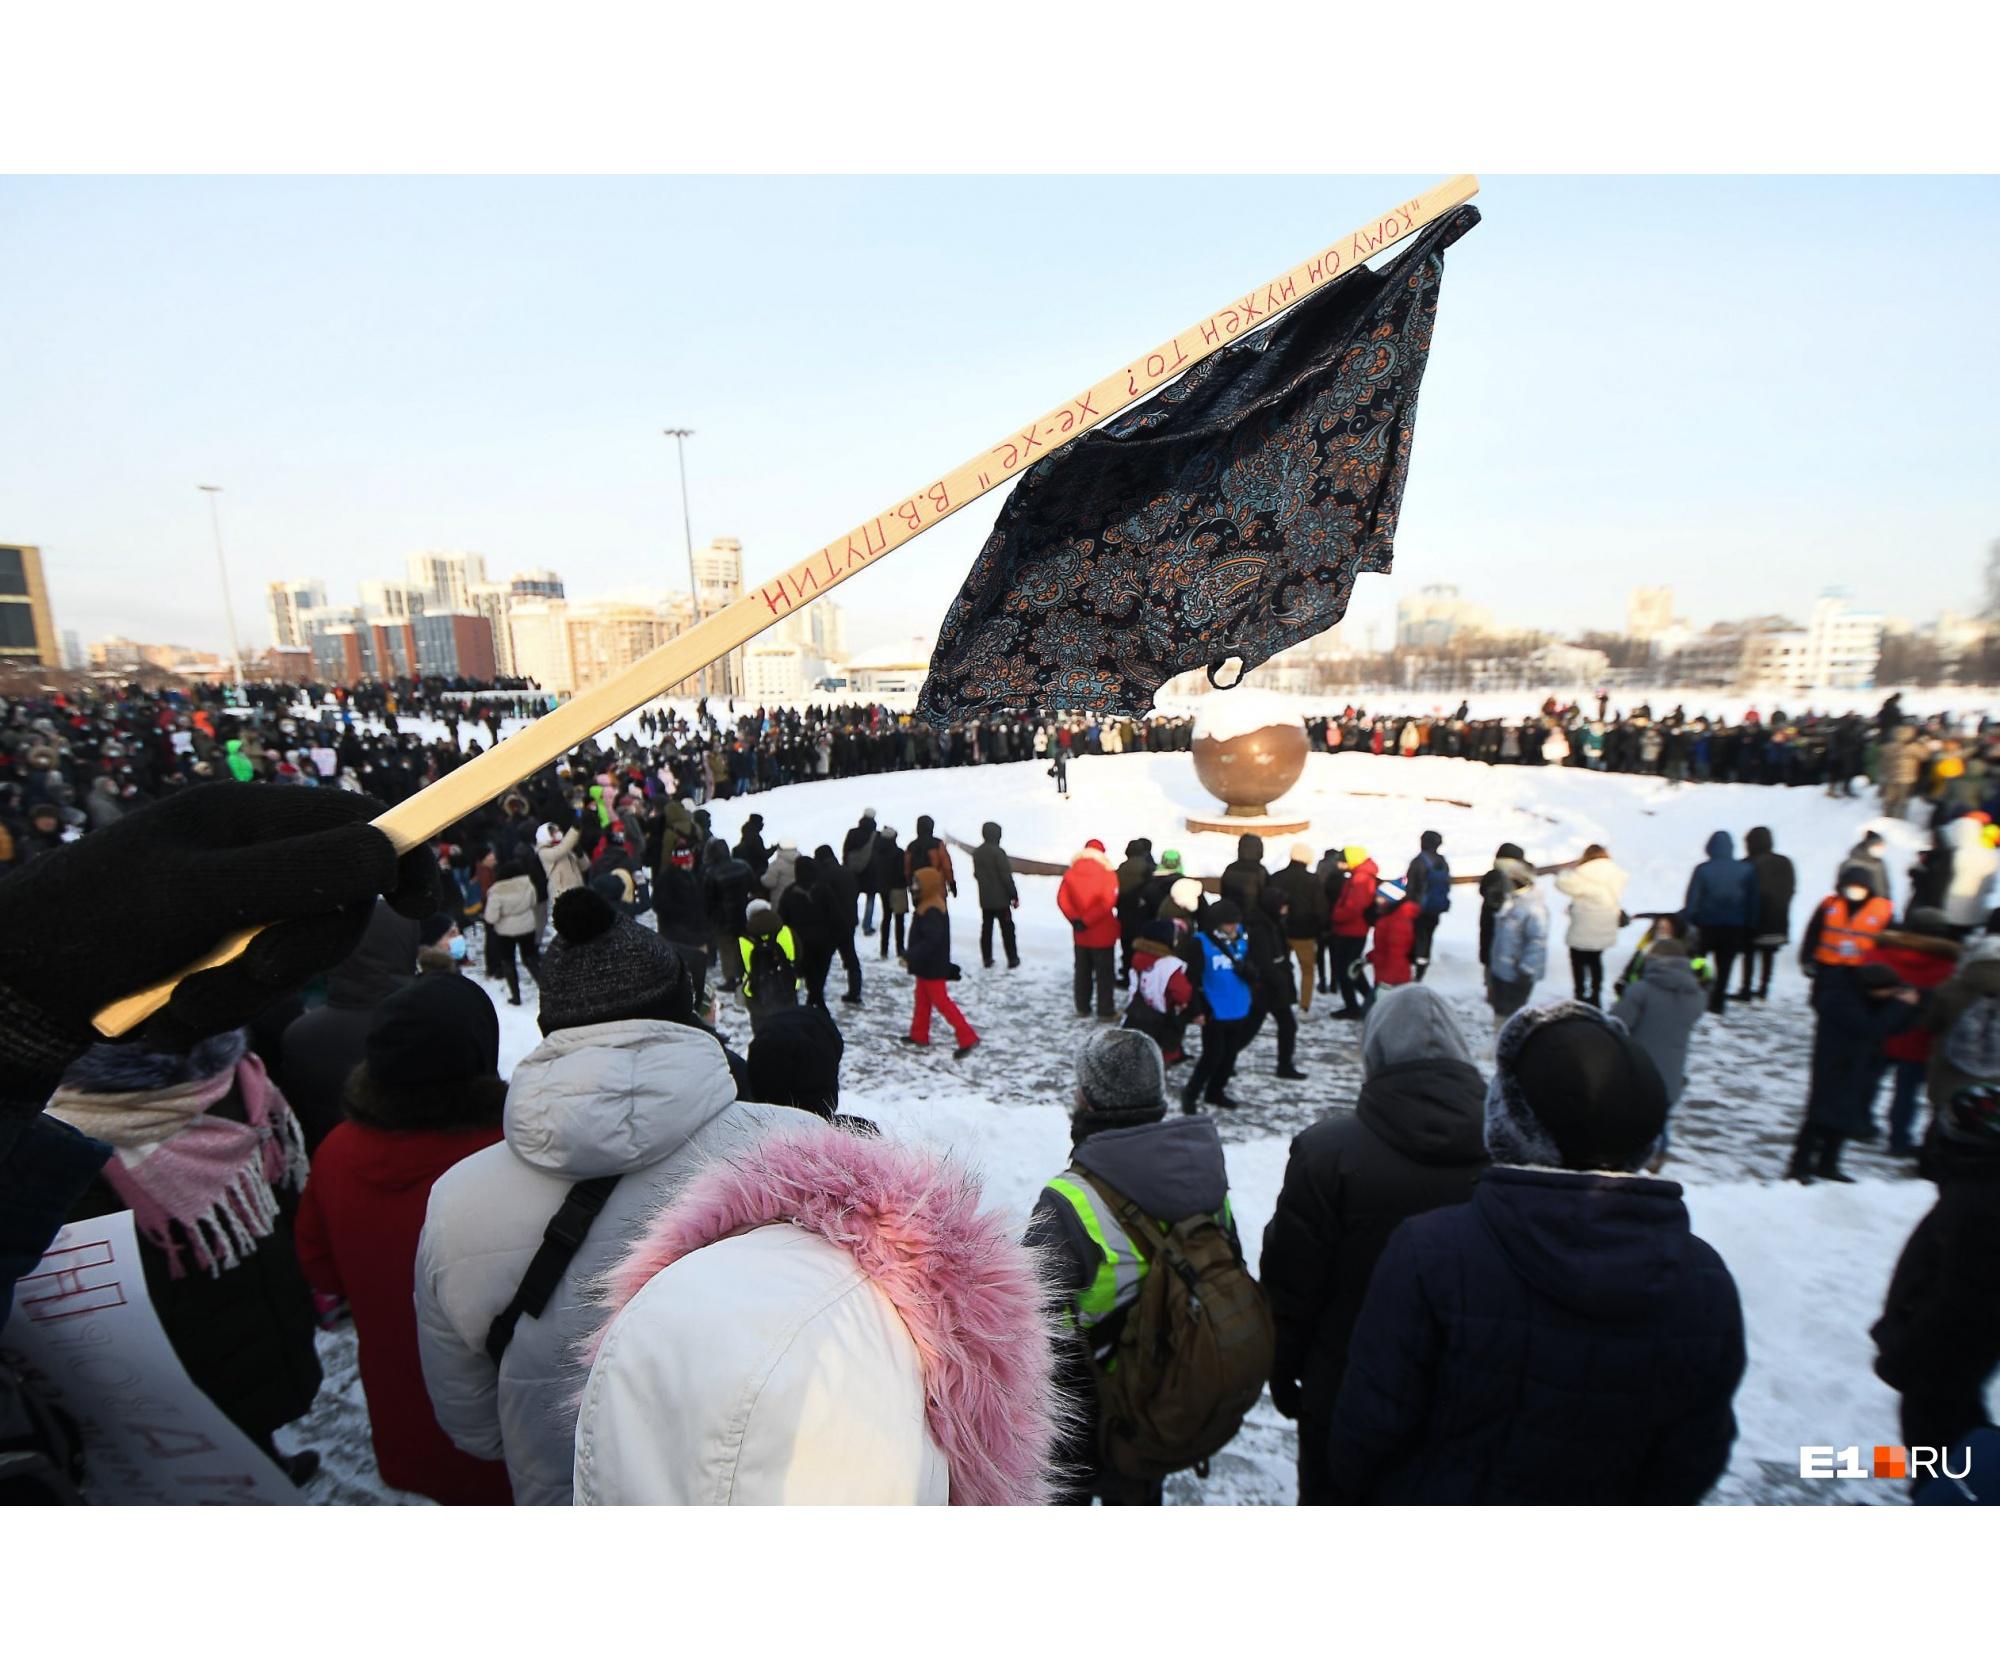 В Екатеринбурге участники не забыли взять с собой трусы